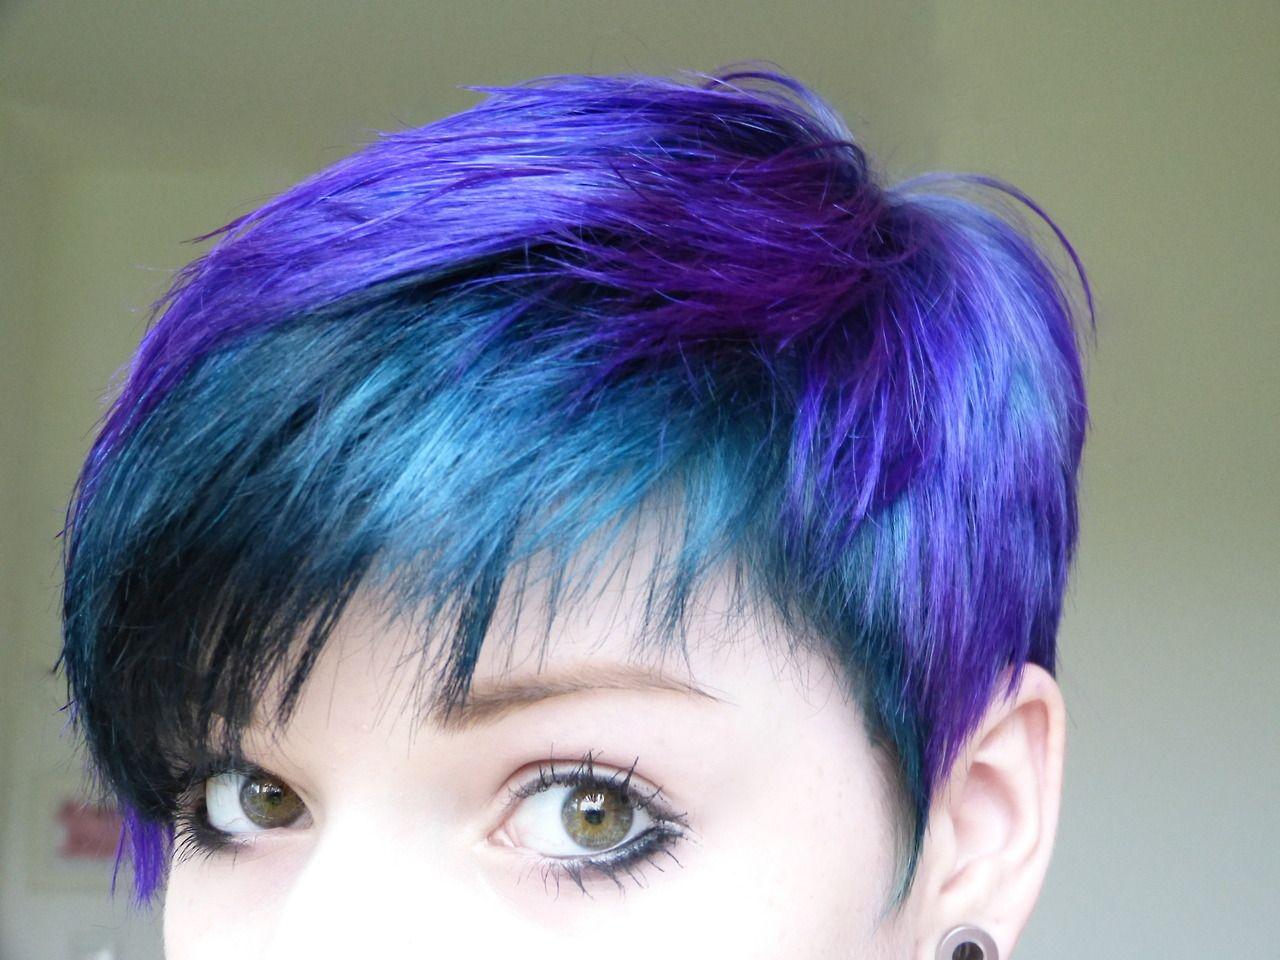 Short Pixie Blue And Purple Hair Haircut Hairstyle The Blue Short Hair Styles Short Hair Color Cool Hair Color